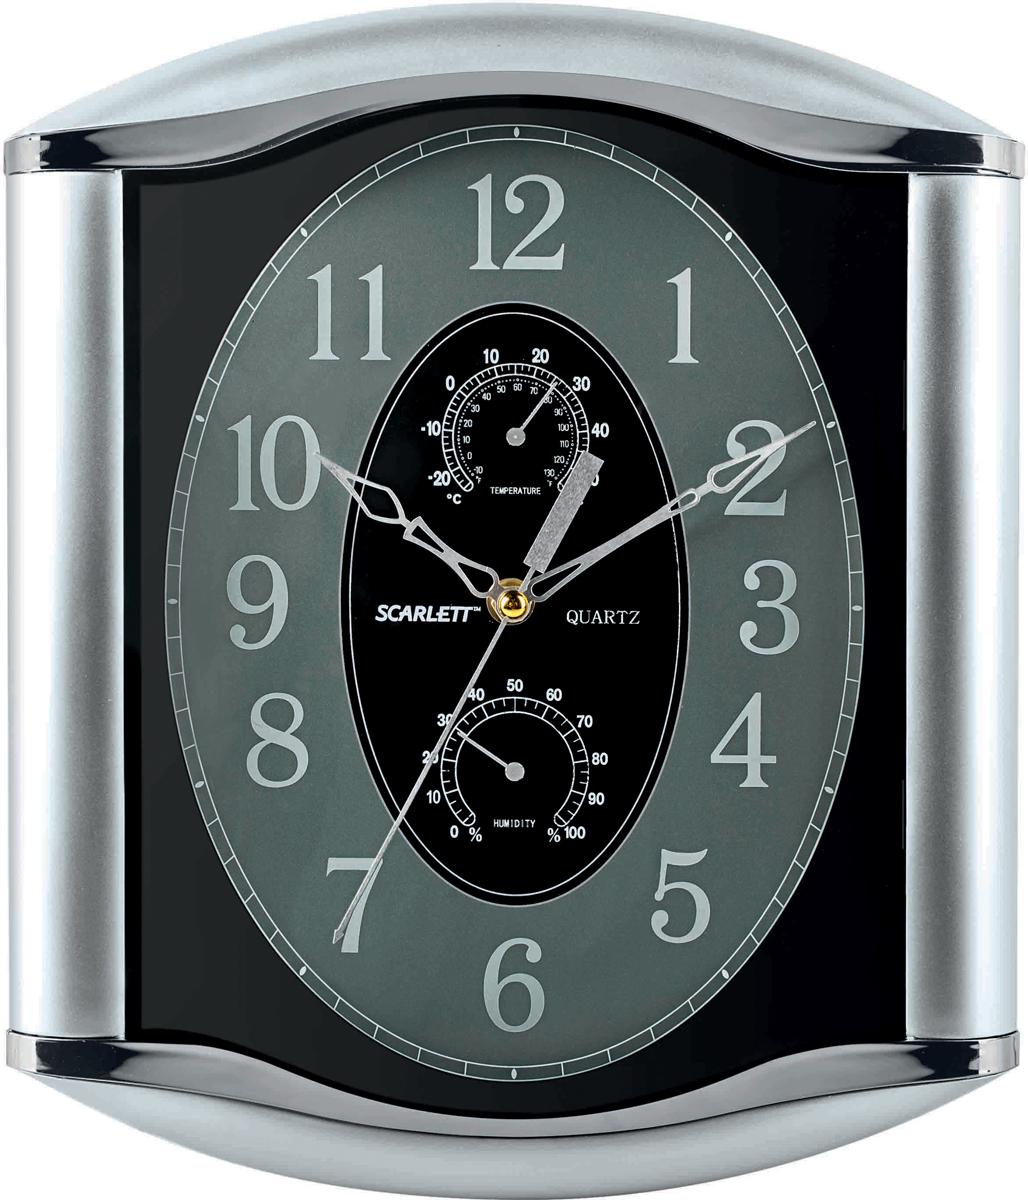 Настенные кварцевые часы Scarlett SC-55L, изготовленные из  пластика, прекрасно впишутся в интерьер  вашего дома. Прямоугольные часы имеют три стрелки: часовую,  минутную и секундную, циферблат защищен прозрачным  пластиком.  Часы работают от 1 батарейки типа АА напряжением 1,5 В  (батарейка в комплект не входит).